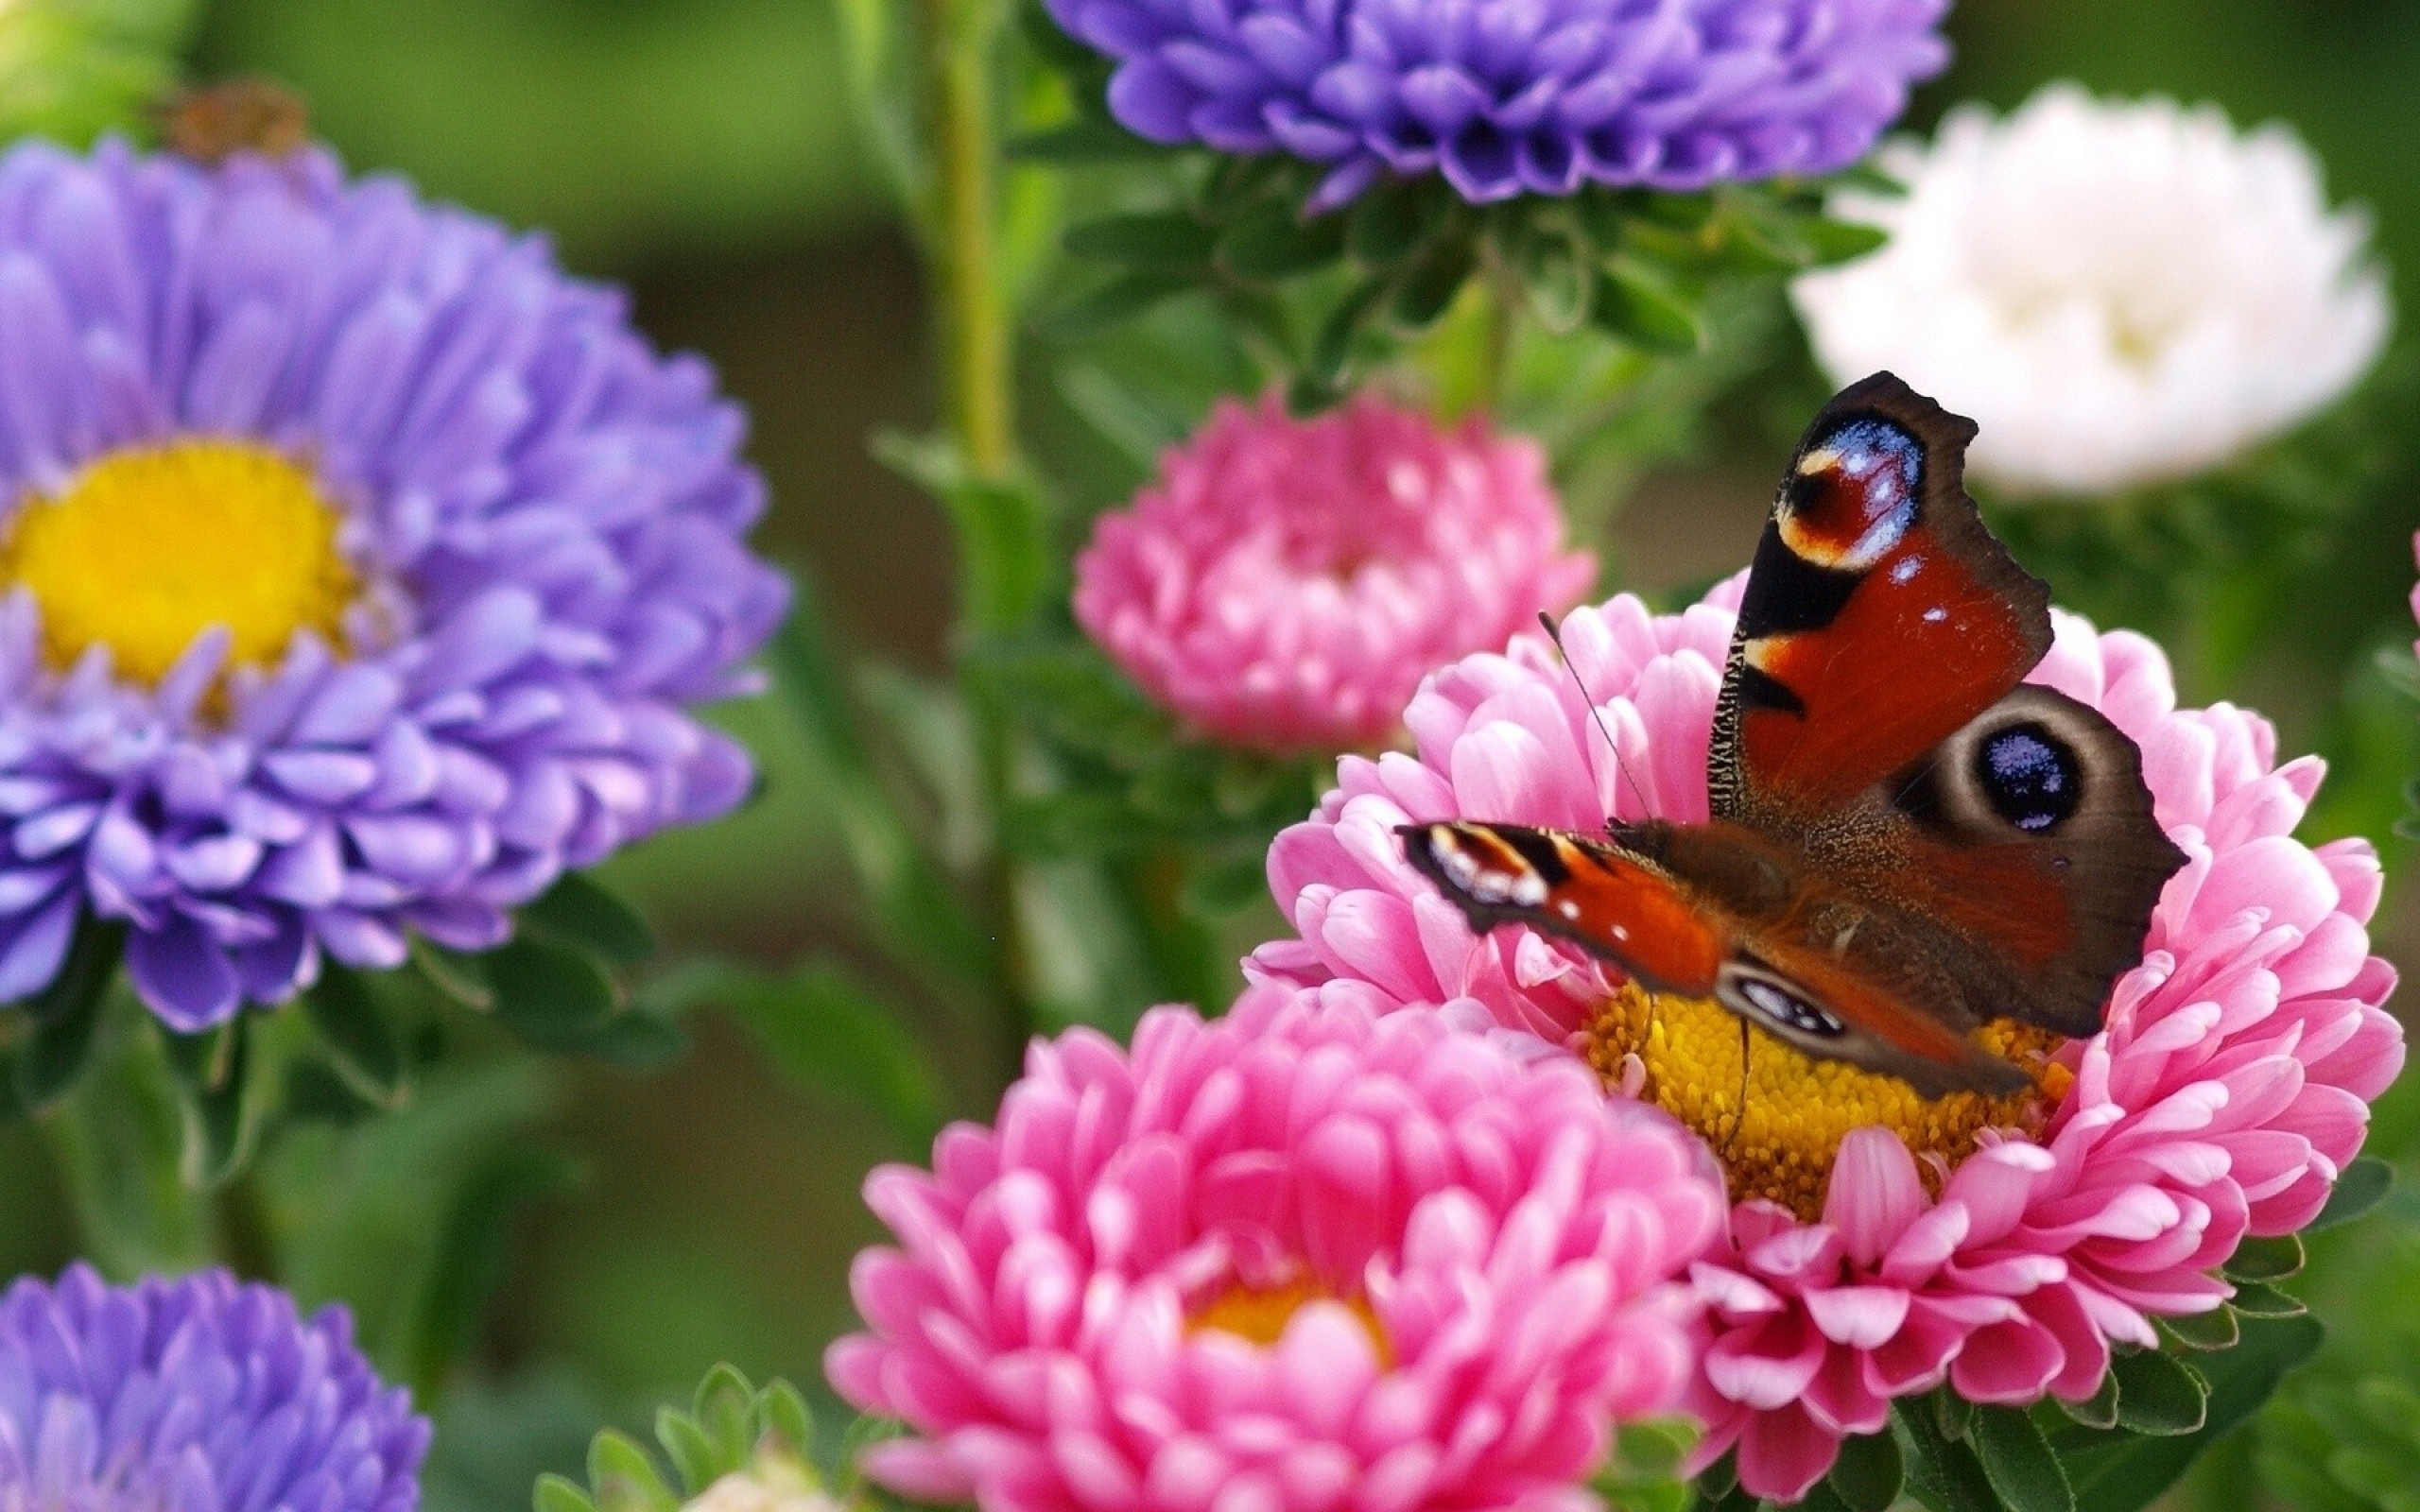 Фото бабочек и цветов в хорошем качестве